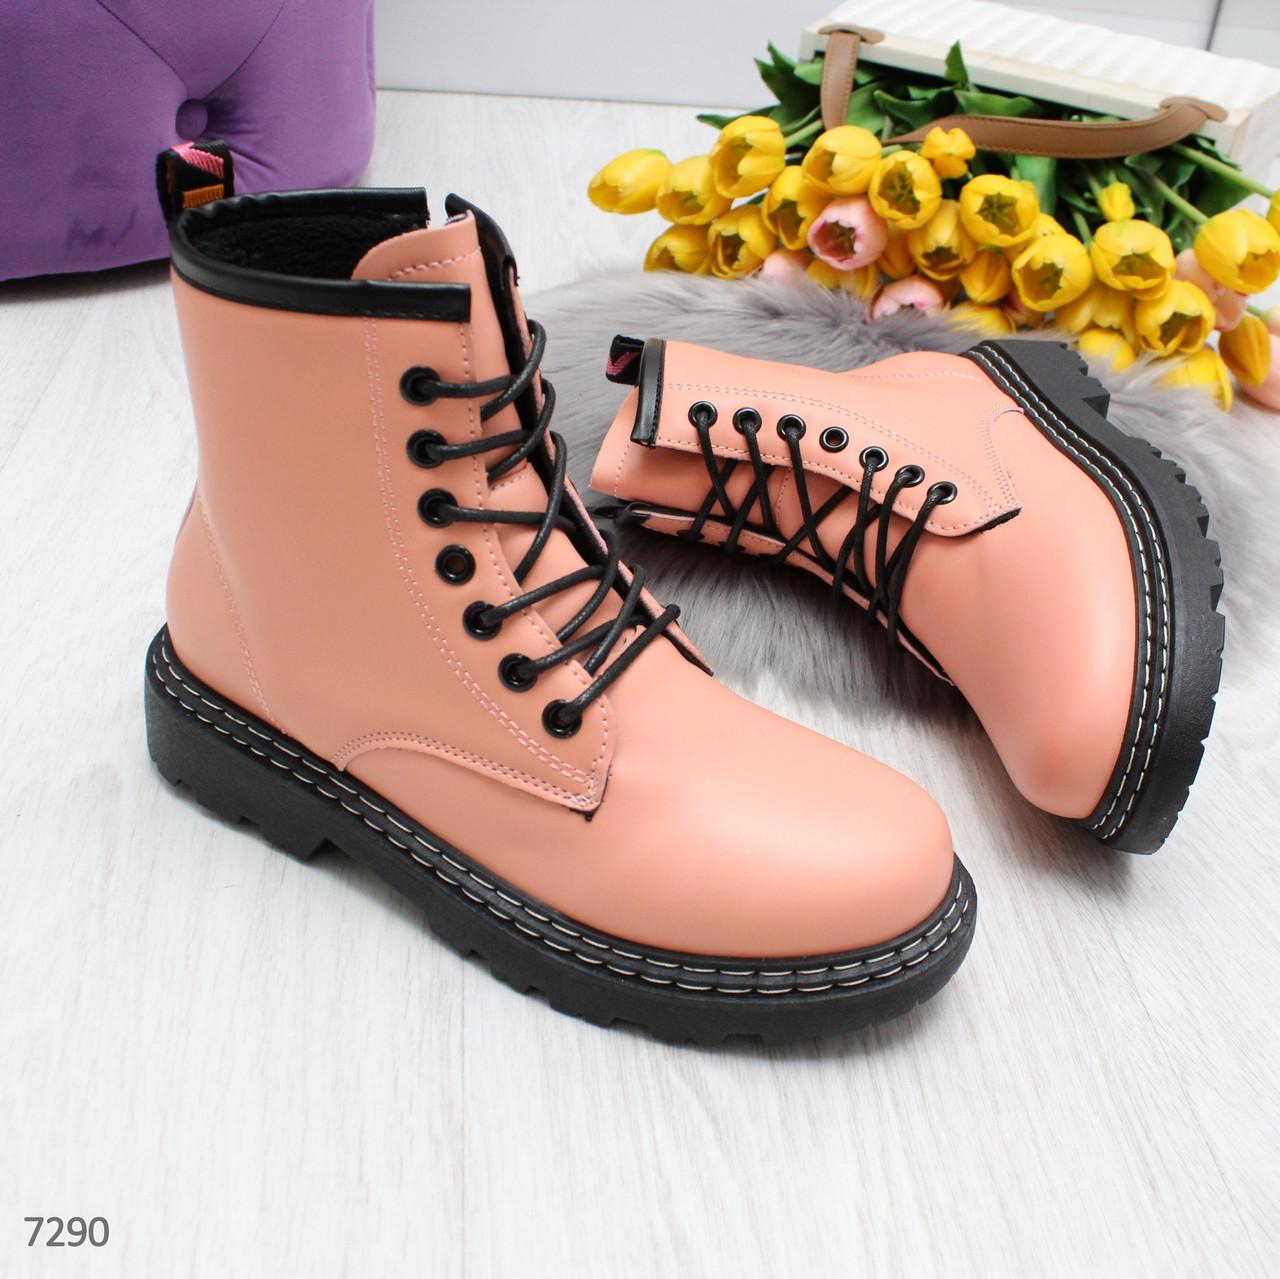 Крутые высокие женские розовые персиковые ботинки мартинсы на шнуровке